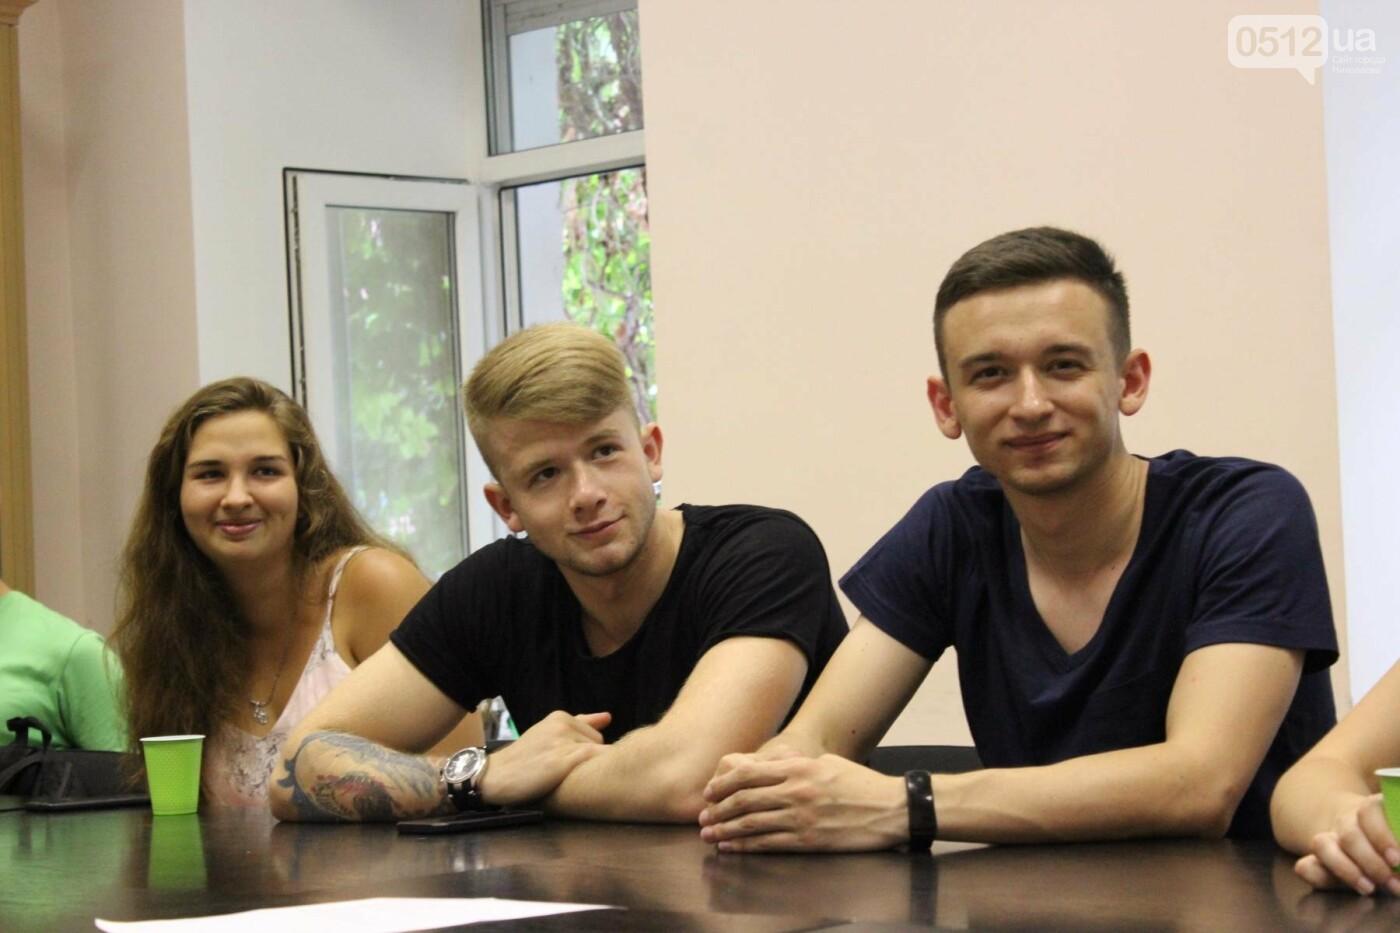 Николаевской молодежи рассказали о важности политической образованности, - ФОТО, фото-9